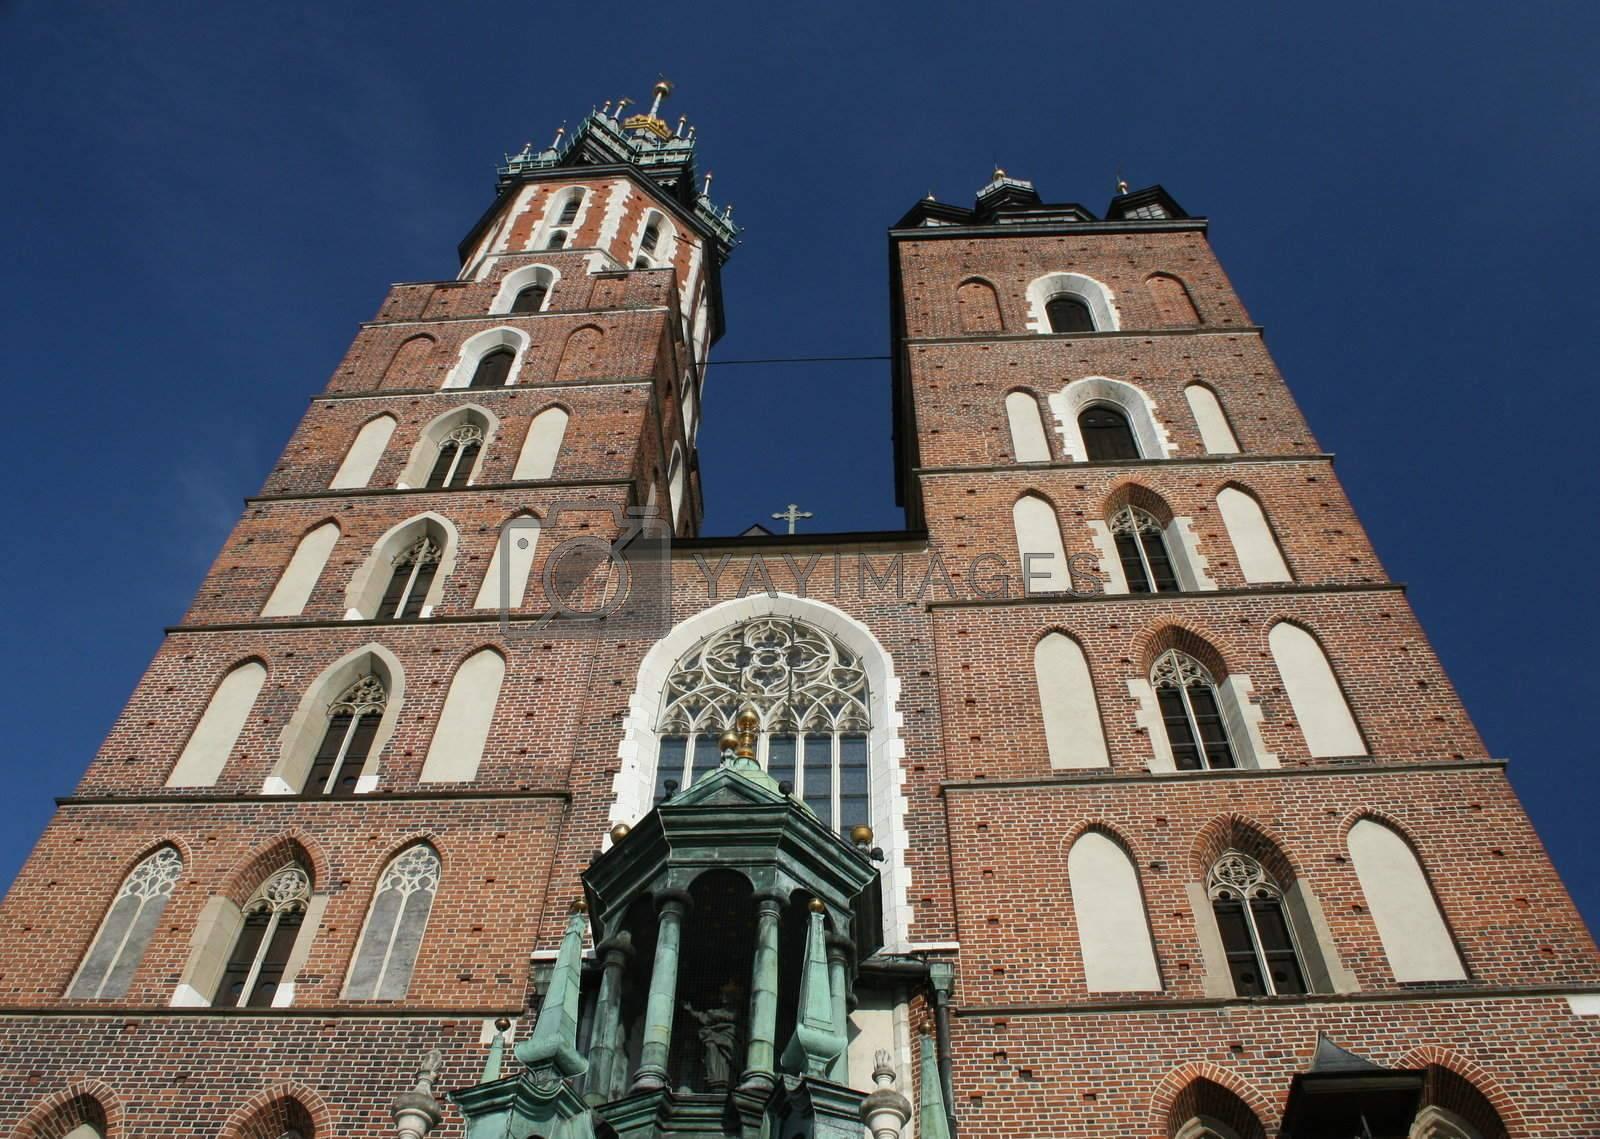 st. mary church, krakow, poland